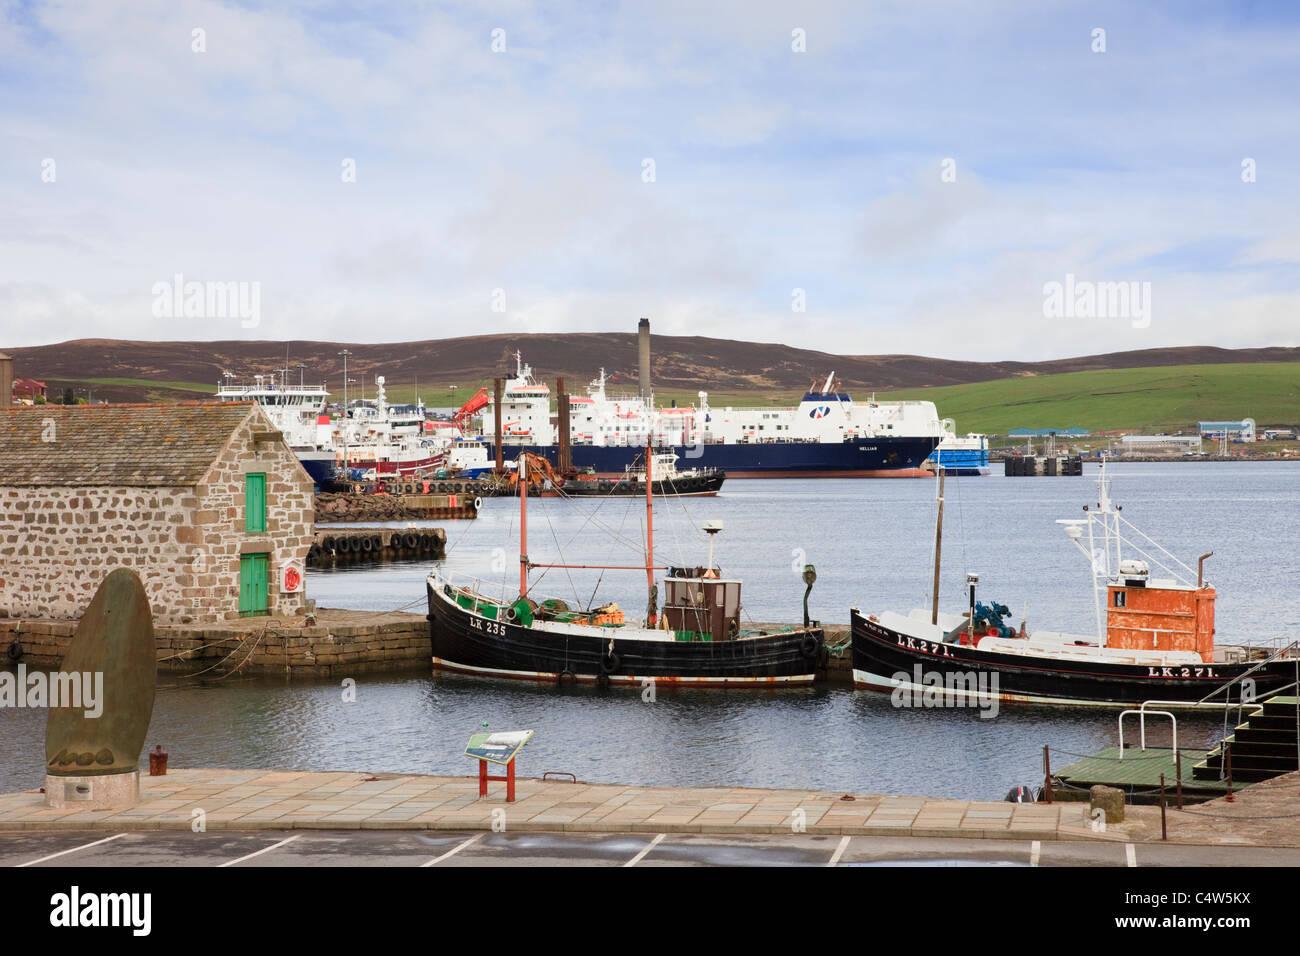 Lerwick, Shetland Islands, Scotland, UK, Europe. Hay's Dock with old boats moored - Stock Image